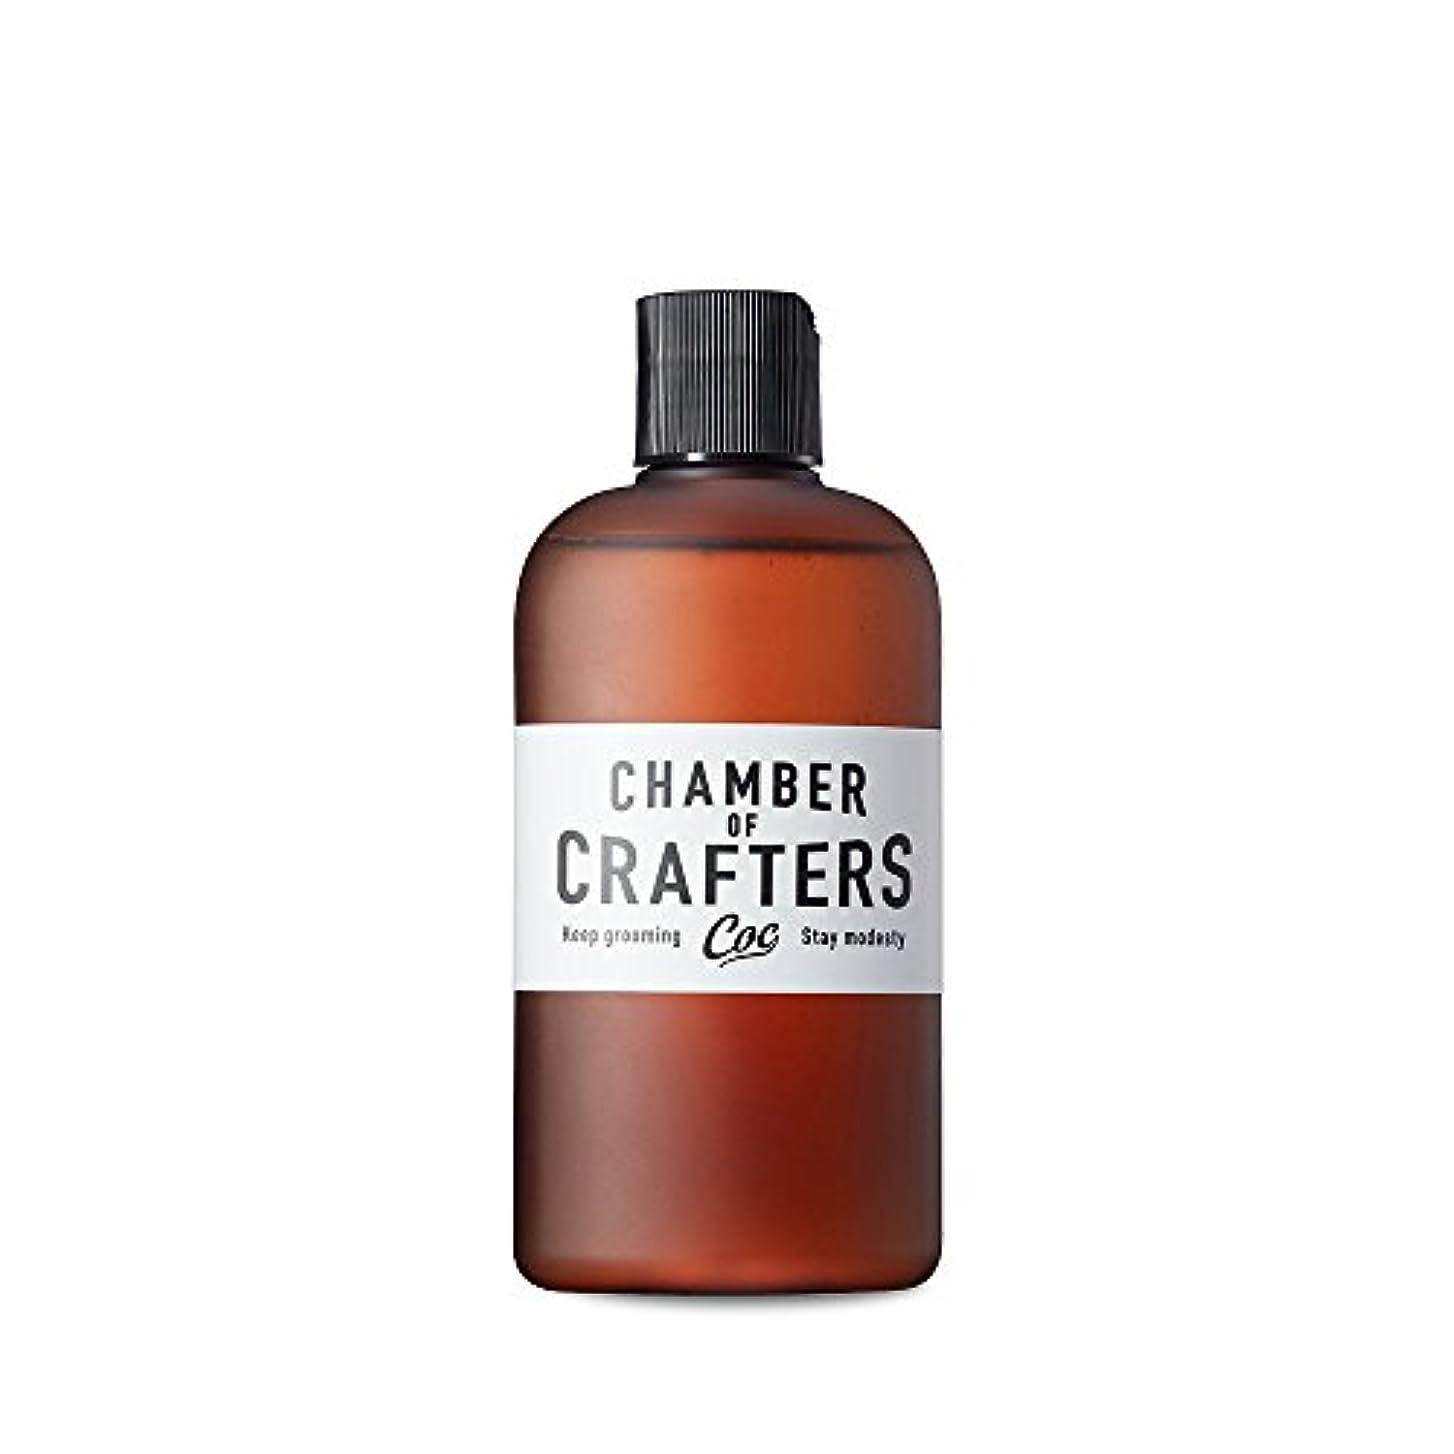 方向汗たぶんCHAMBER OF CRAFTERS チェンバーオブクラフターズ スキンローション 化粧水 180mL